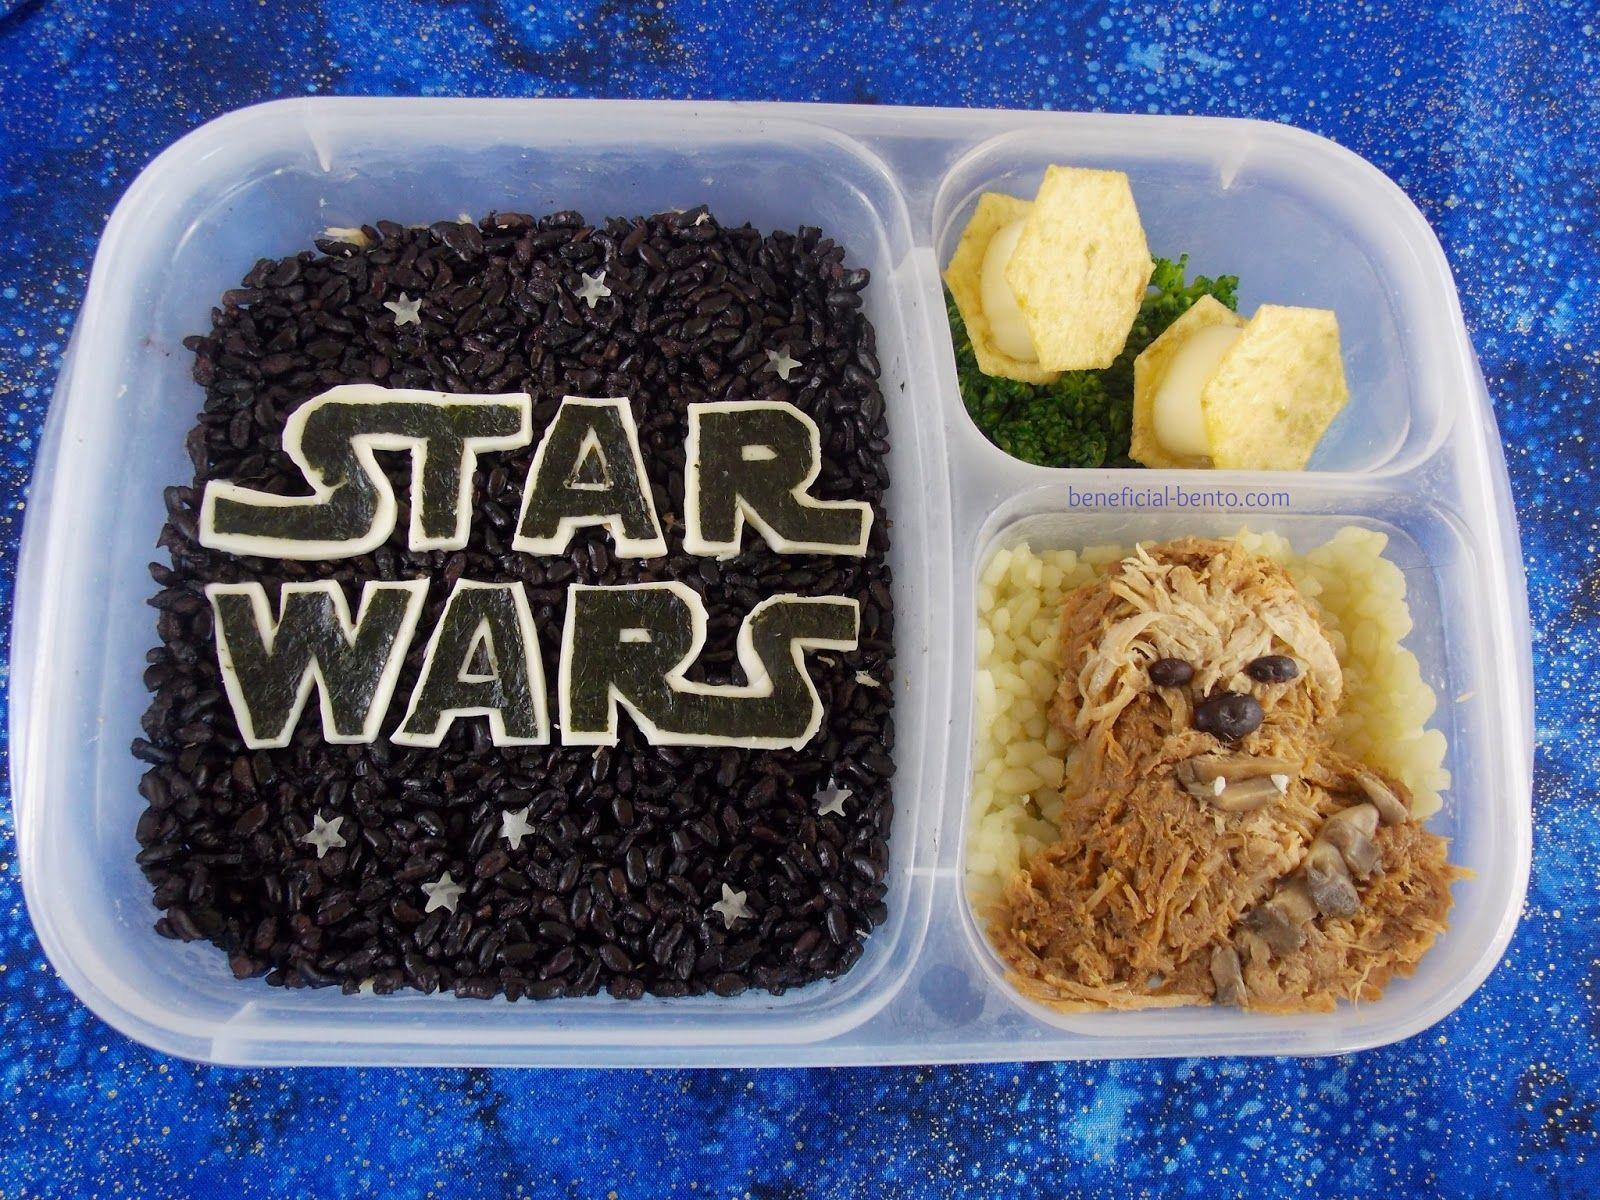 Star Wars bento - Chewbacca, made of kalua pork, and forbidden rice sky!